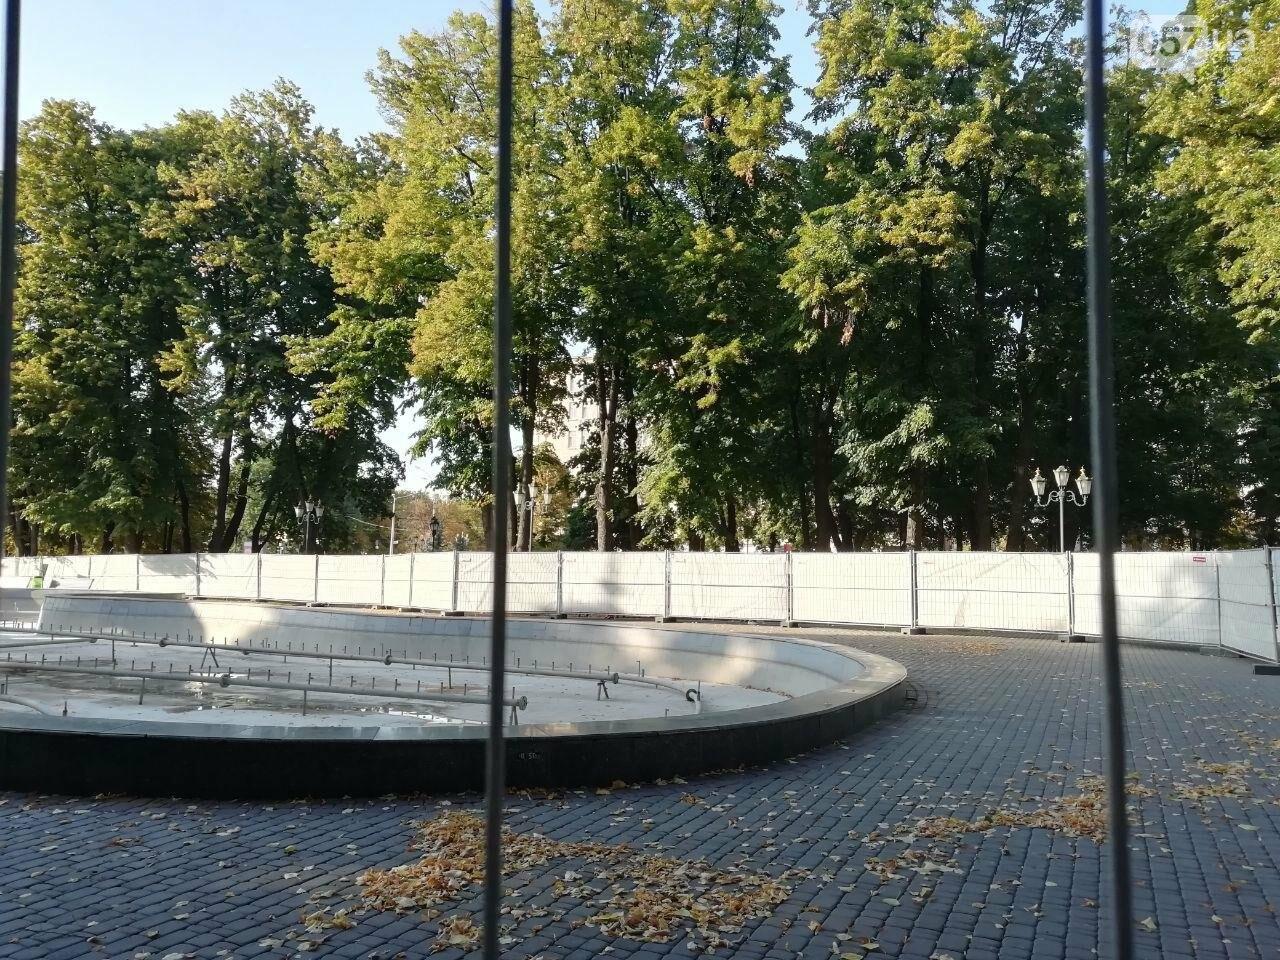 В Харькове за 20 миллионов отремонтируют «Зеркальную струю», - ФОТО, фото-2